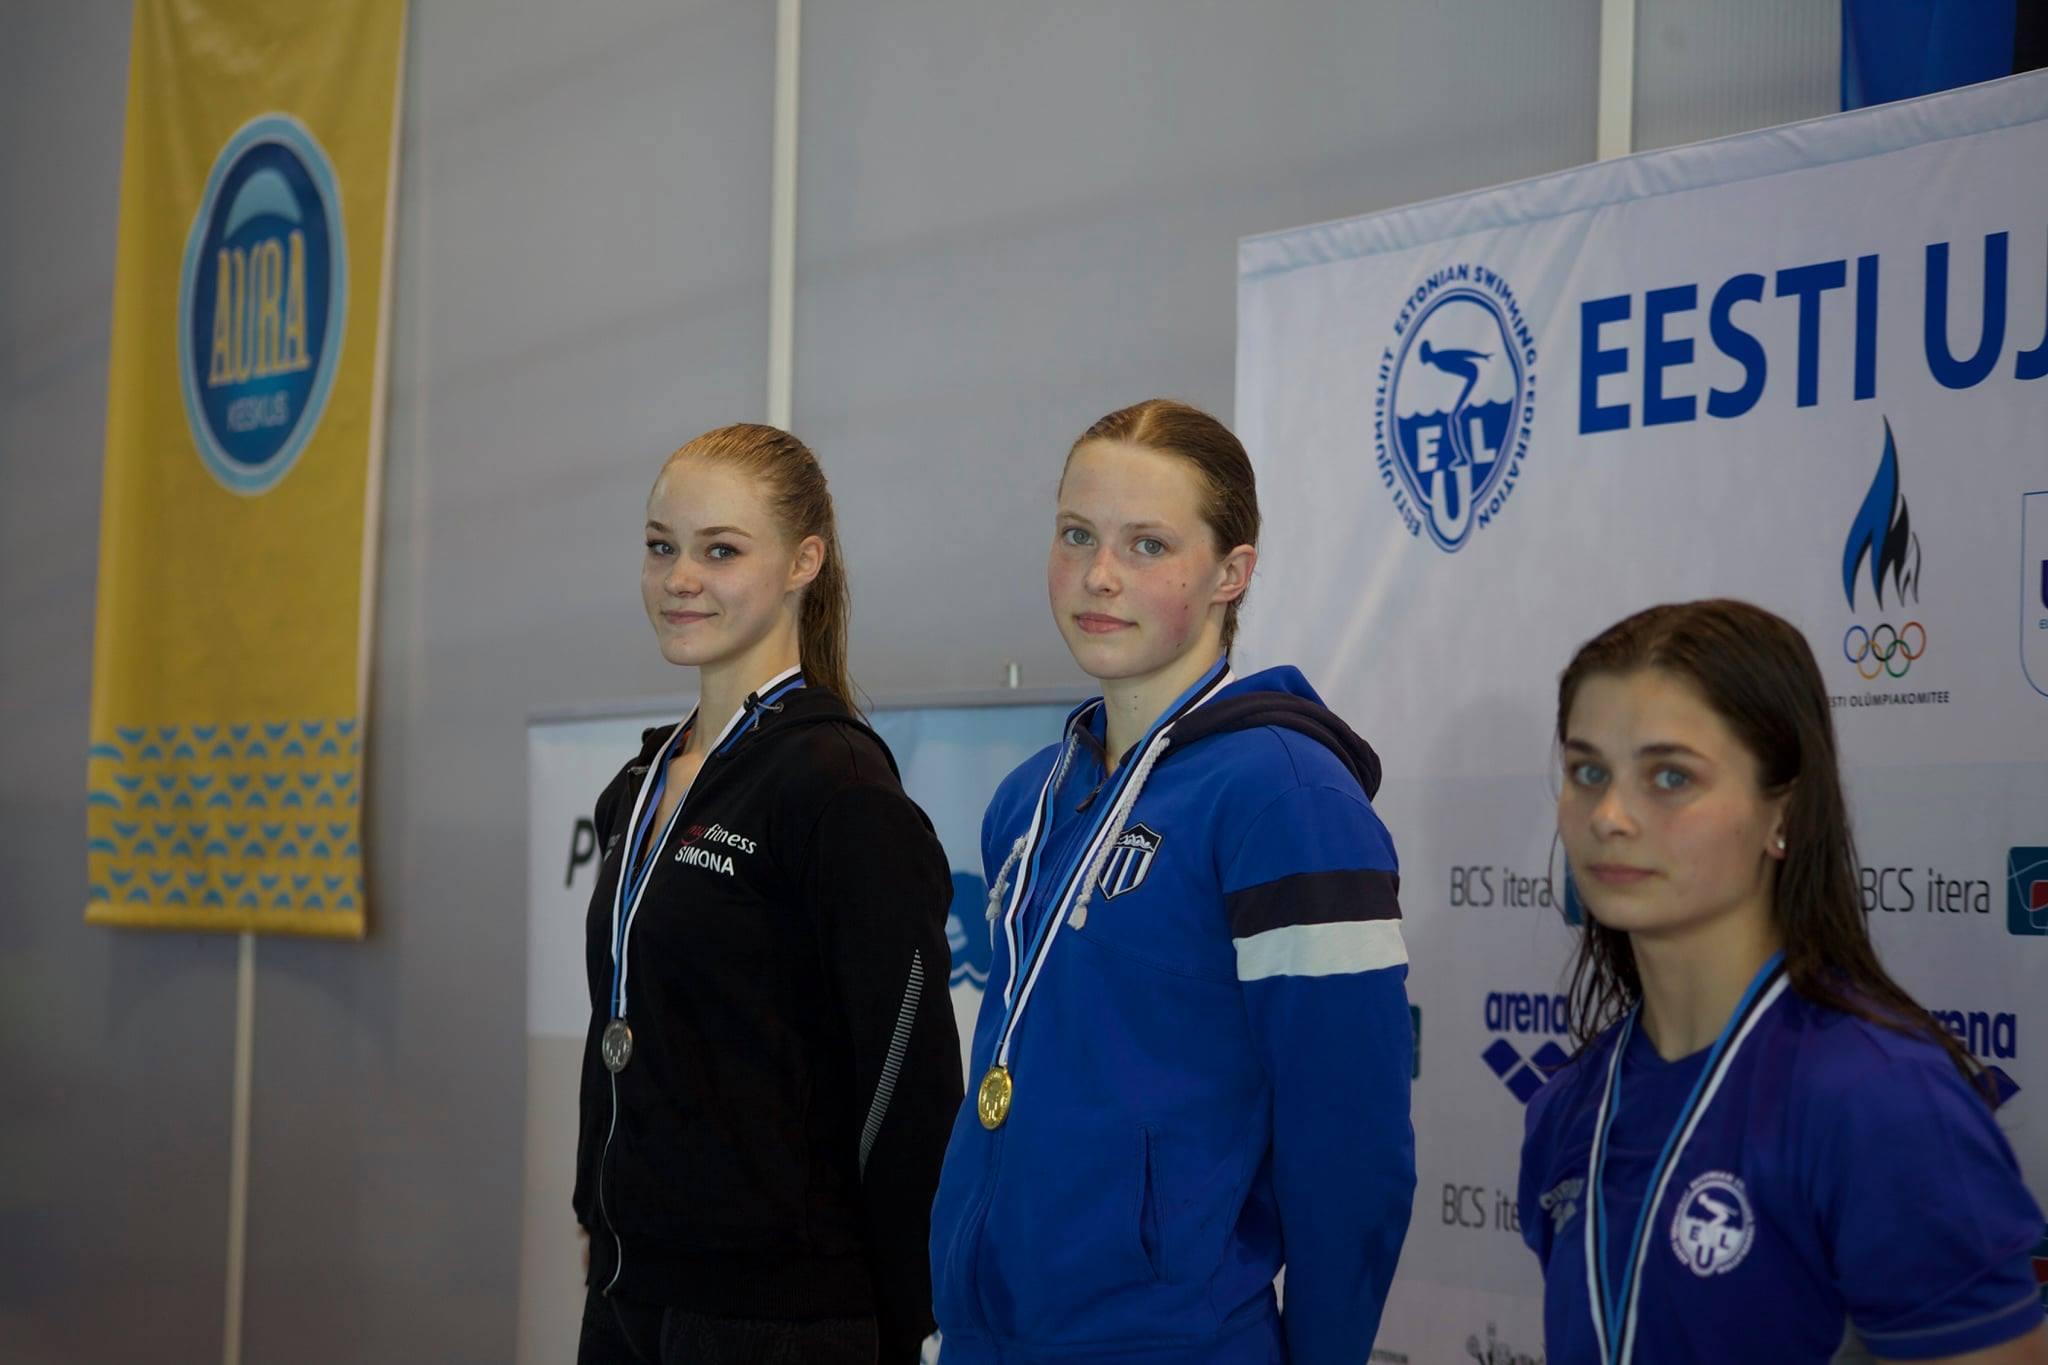 Eesti noorte- ja juunioride meistrivõistlustel pälvisid ujujad 31 medalit